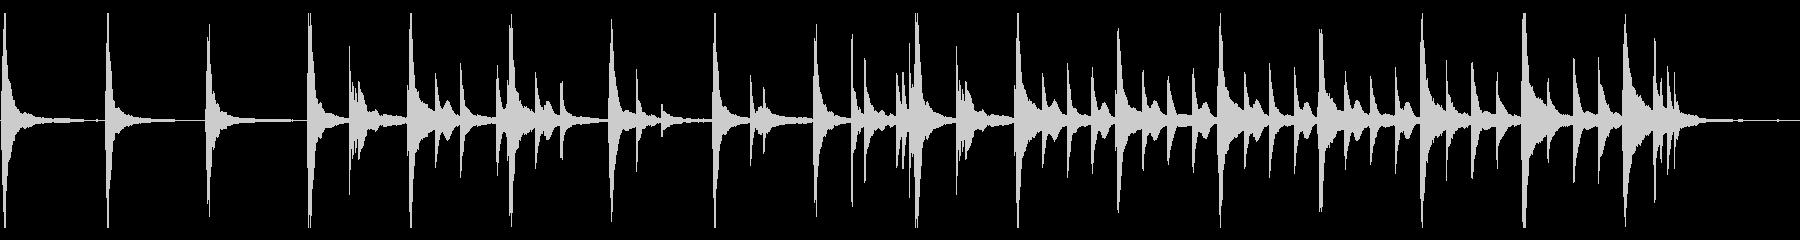 シンプルで静かなピアノアンビエントの未再生の波形